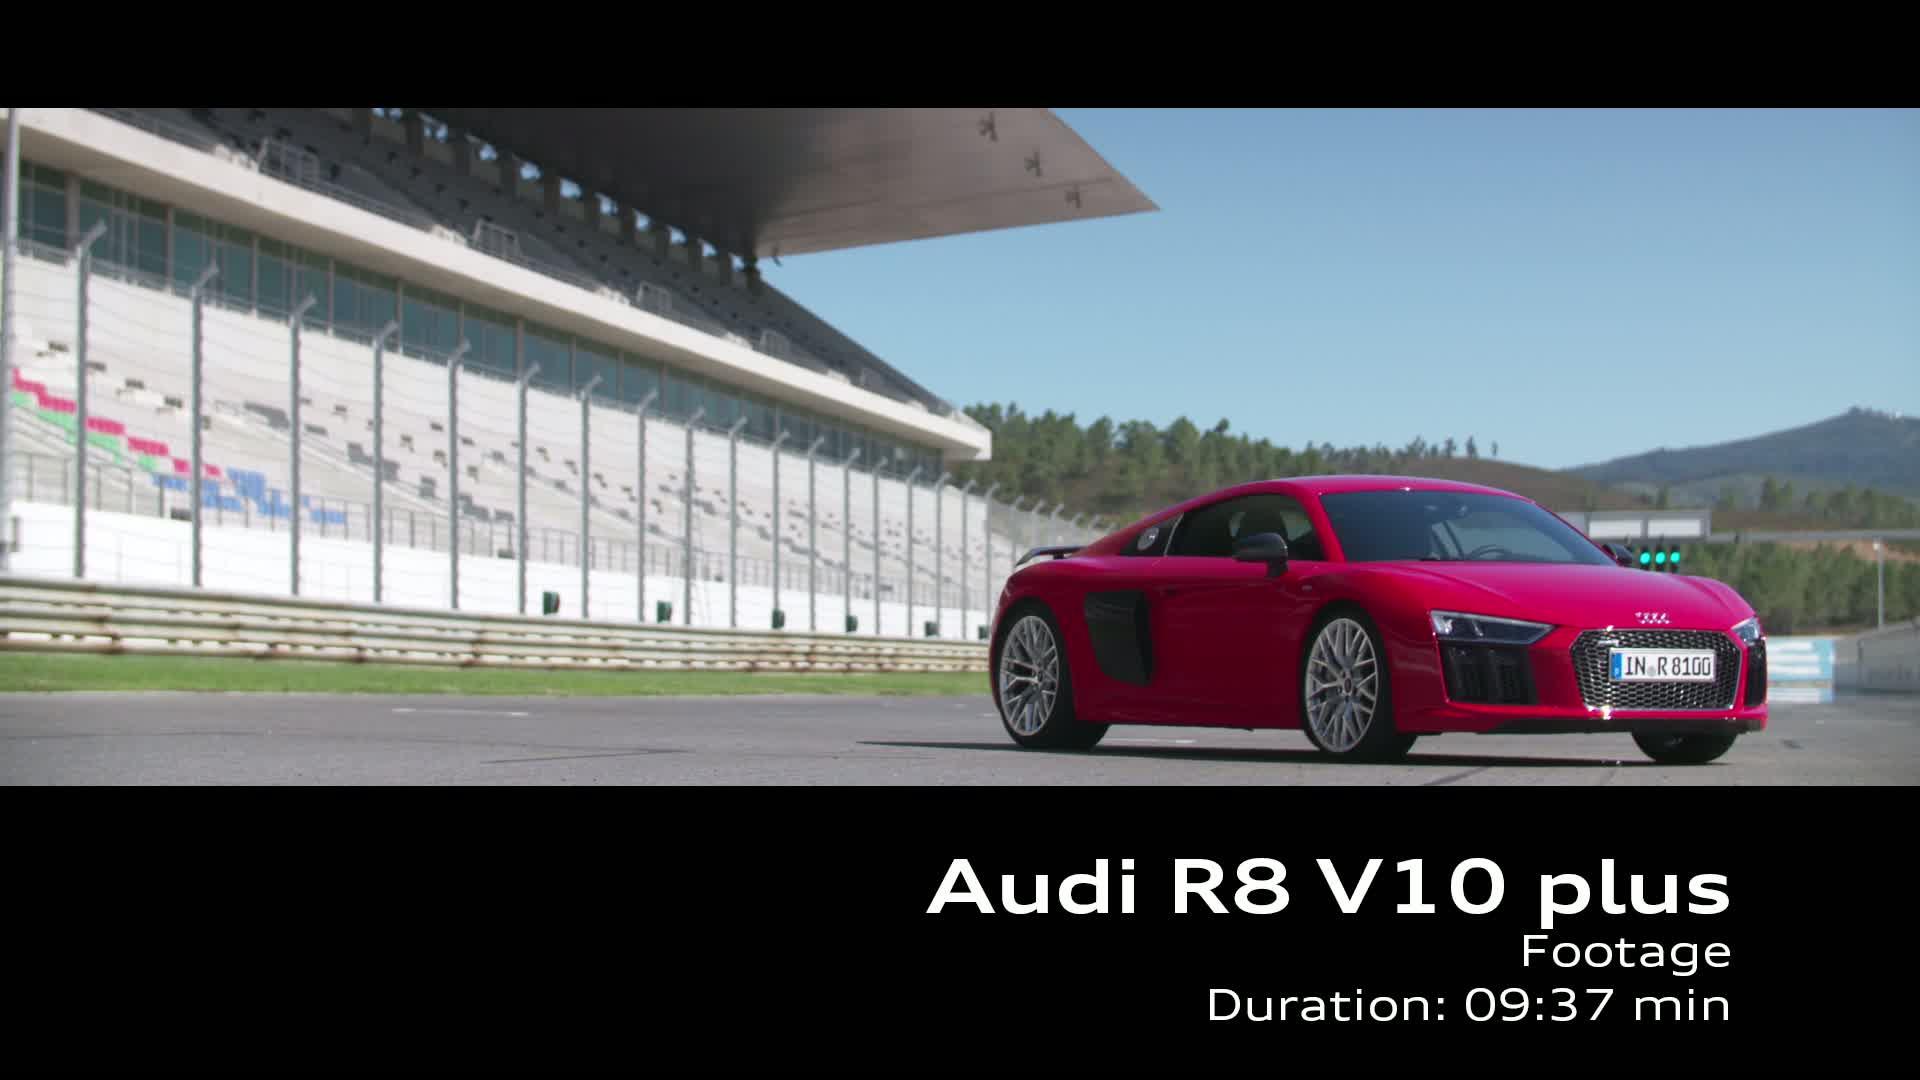 Audi R8 V10 plus - Footage on Location Portimao